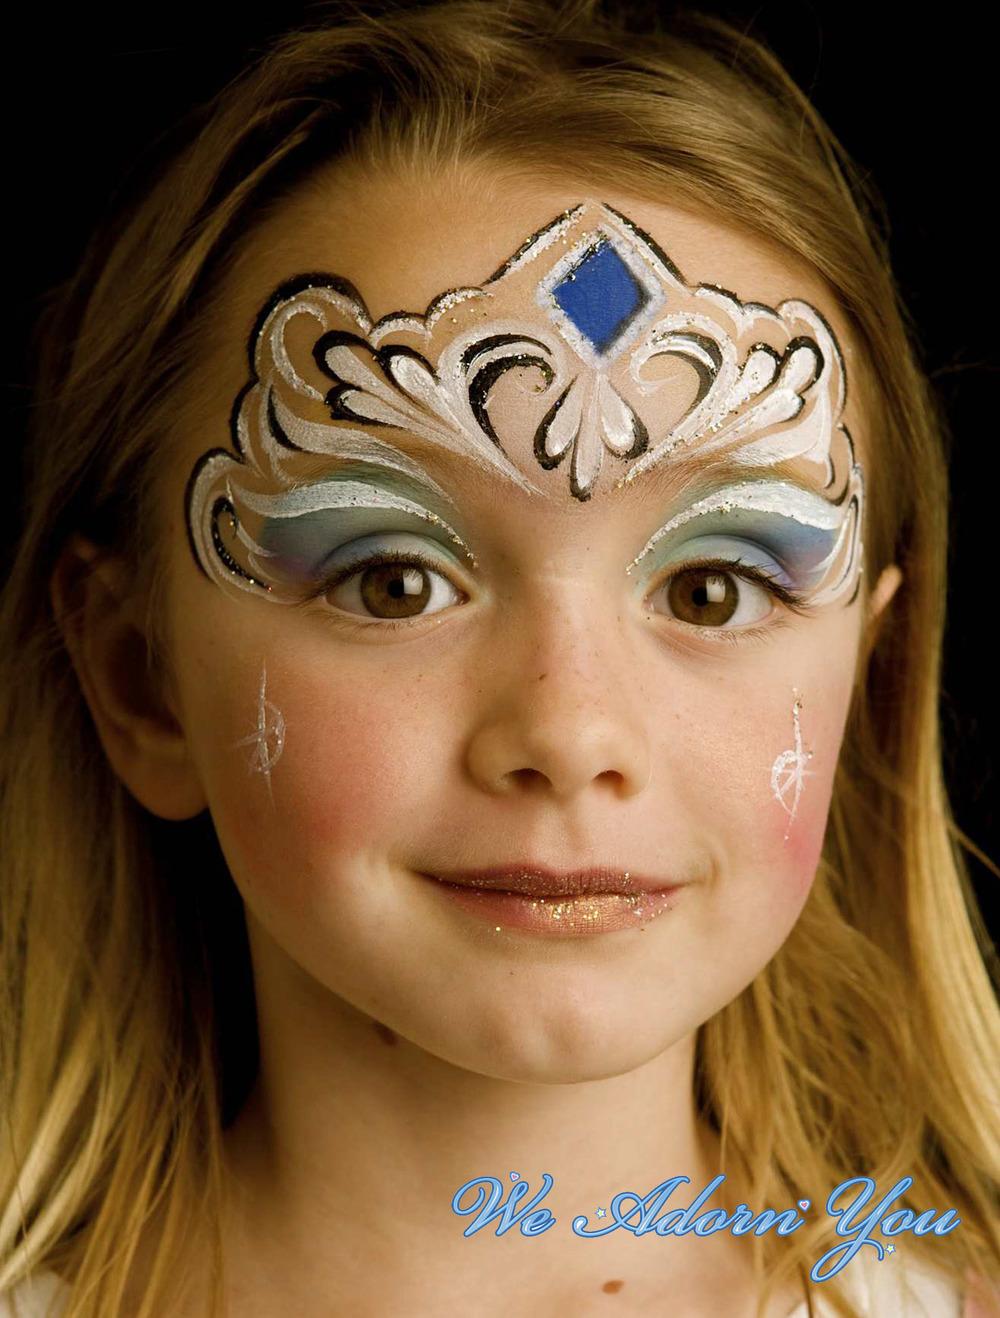 Face Painting Princess- We Adorn You 2.jpg